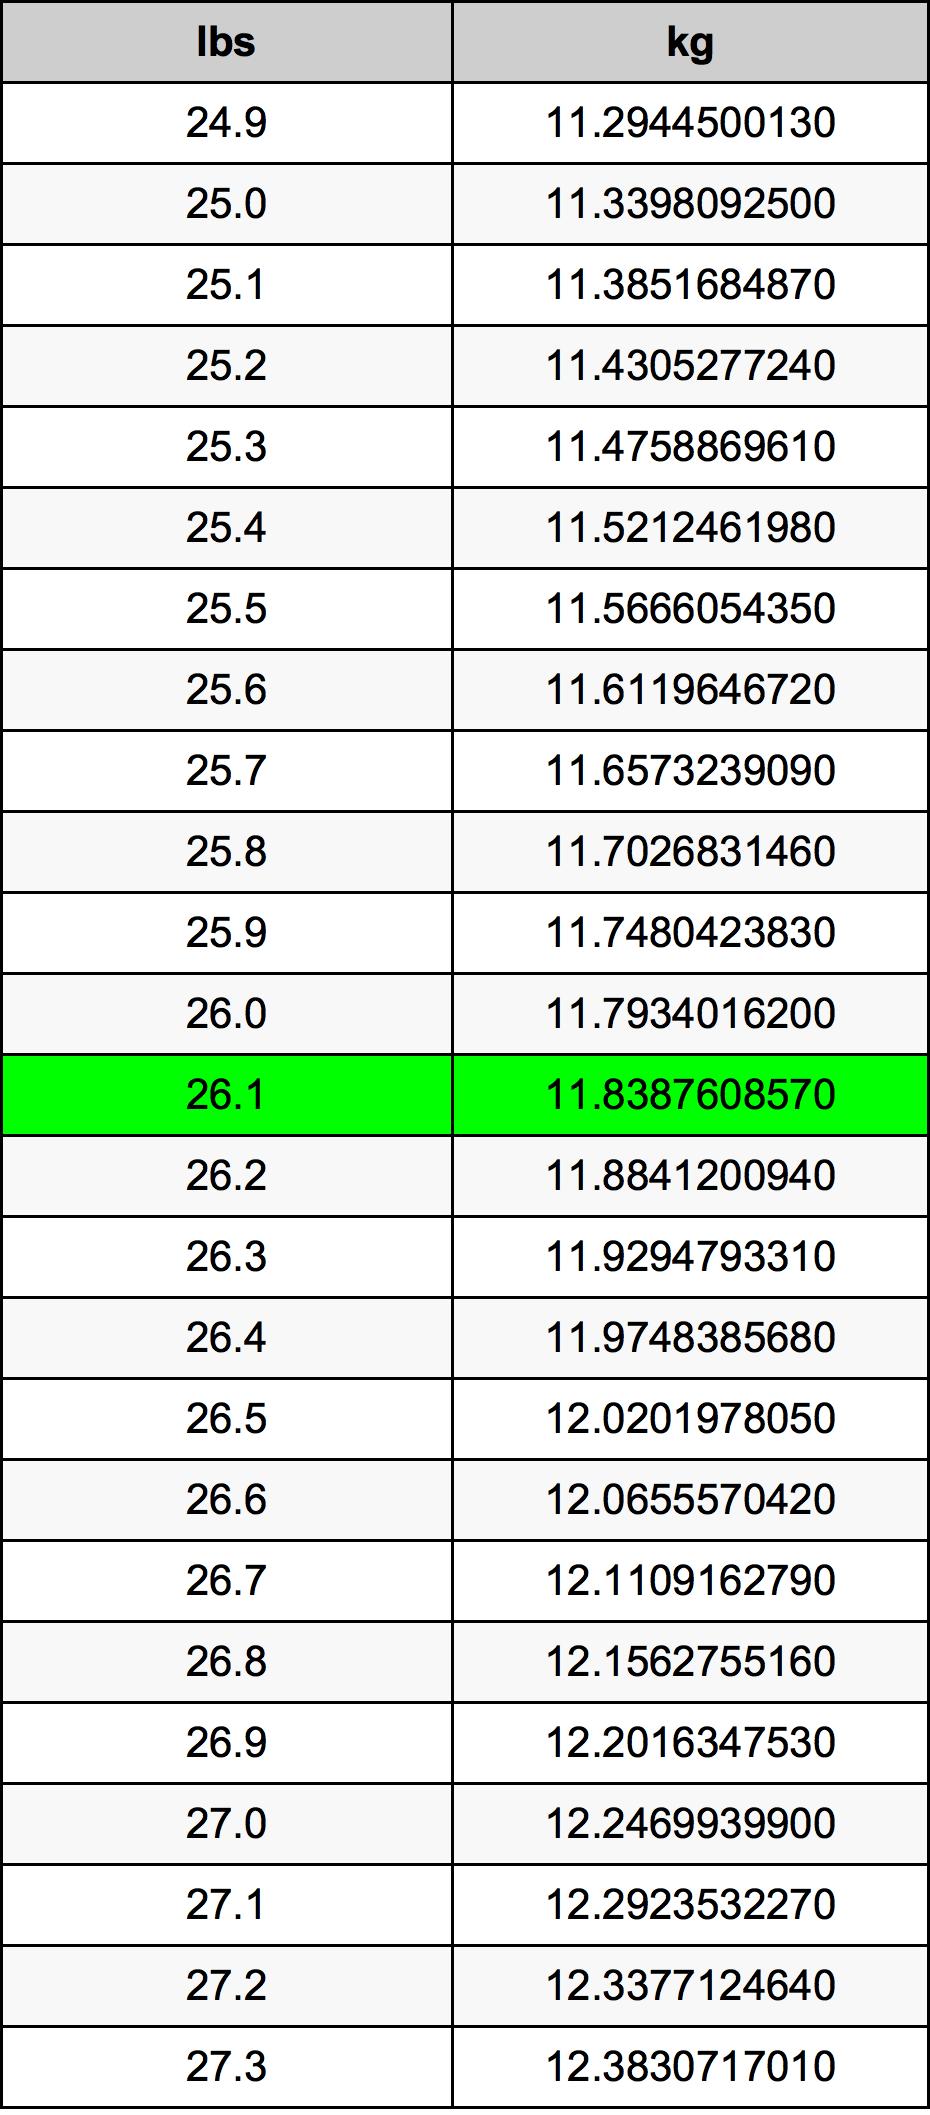 26.1 Svaras konversijos lentelę